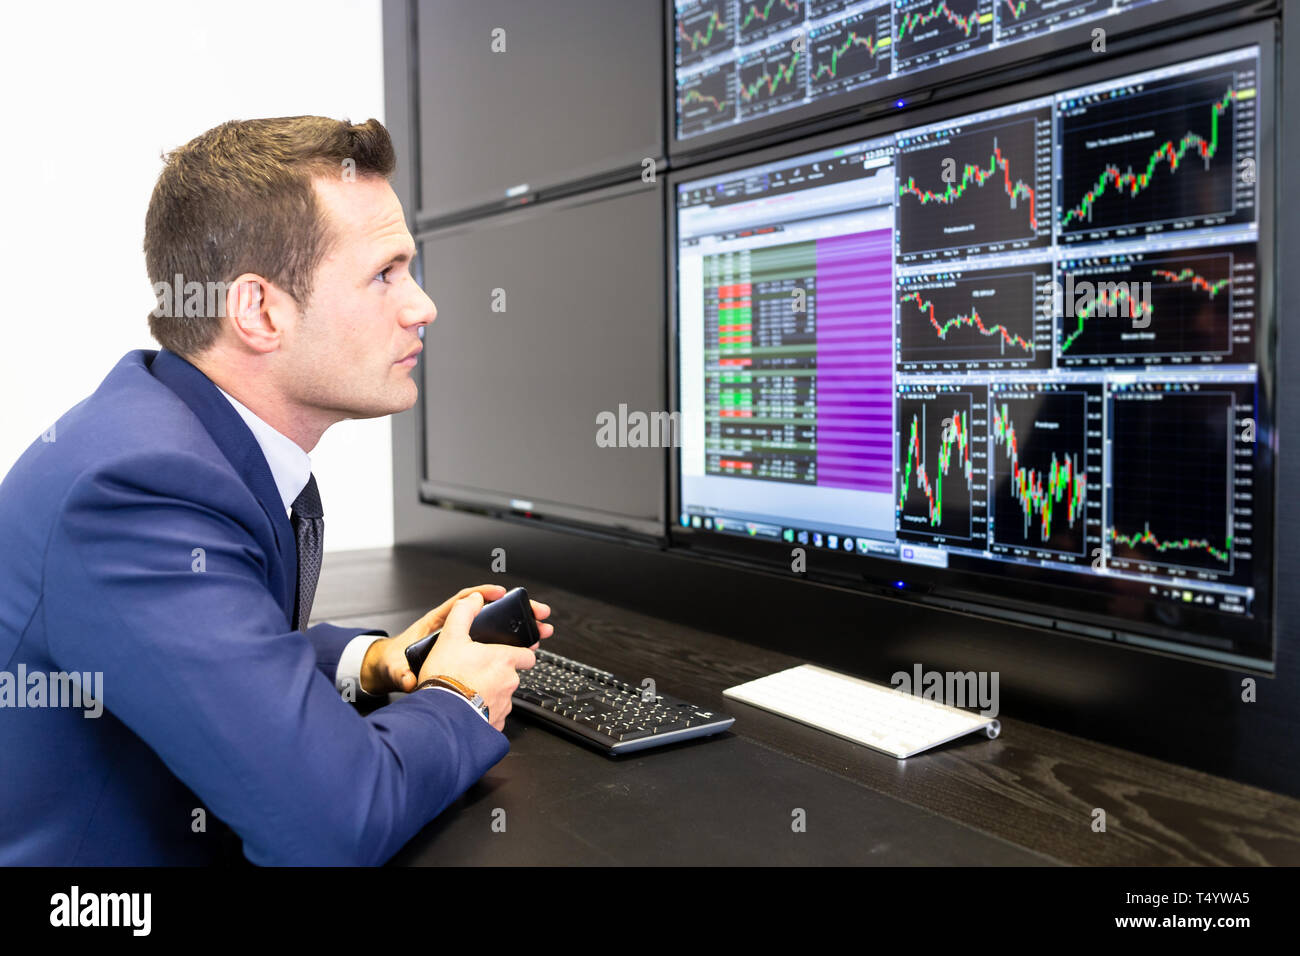 5 Best Trading Platforms | blogger.com